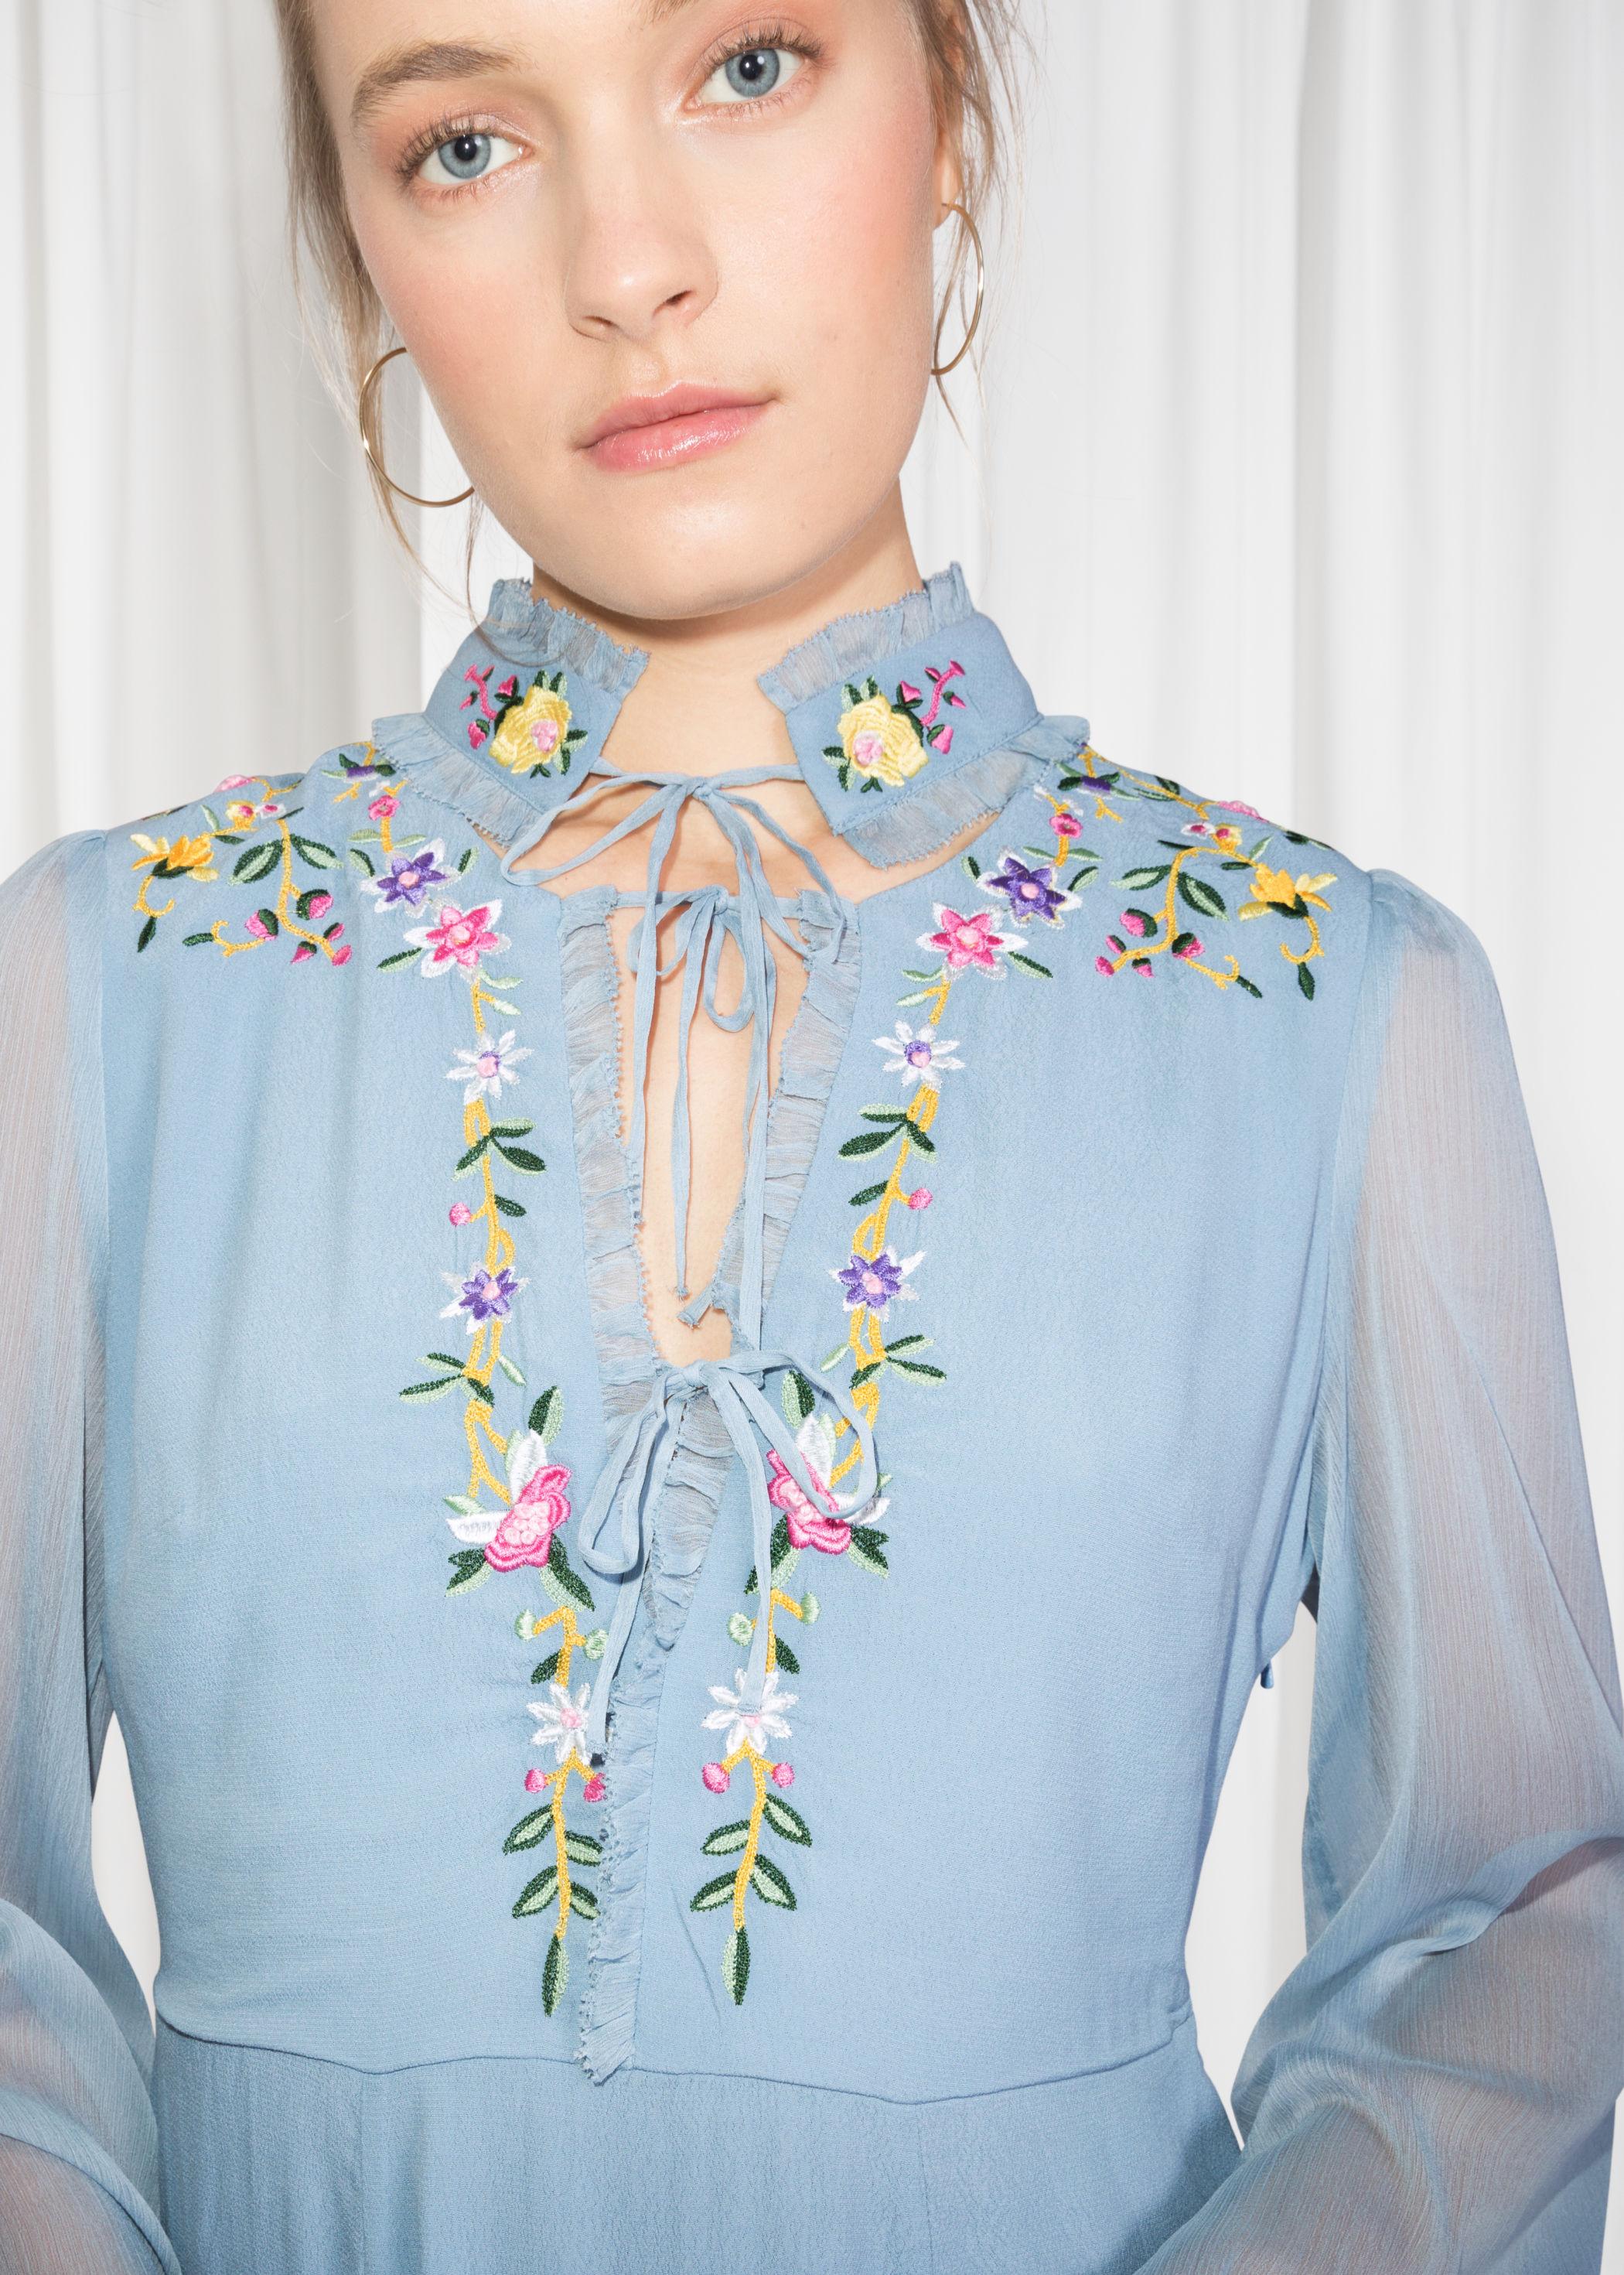 ROSE & IVY Jornal The Find A Vintage Inspired Floral Dress